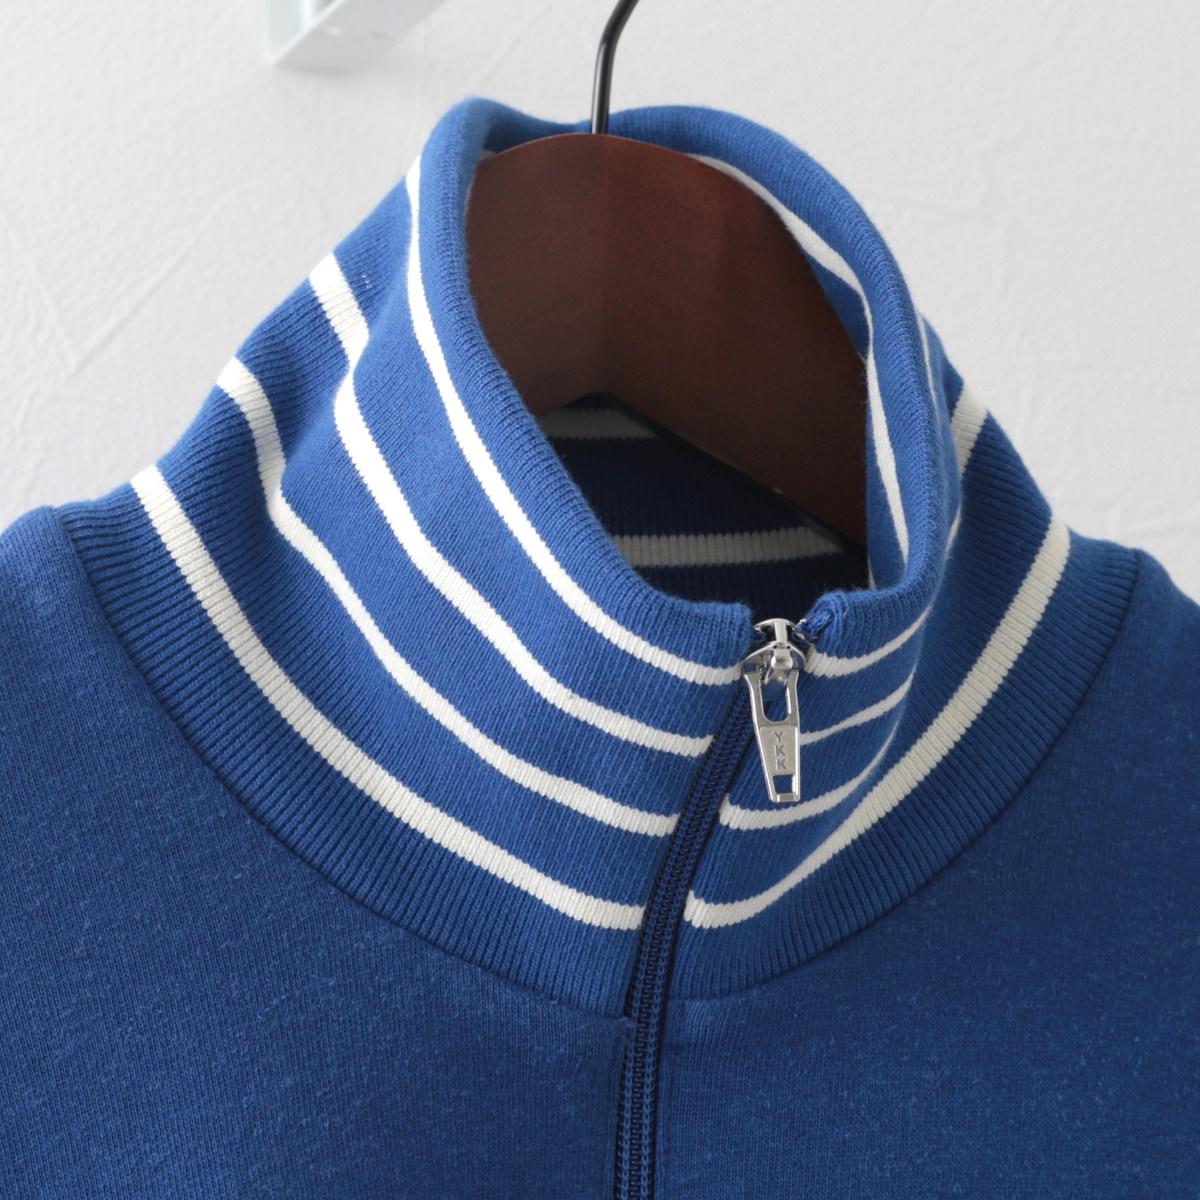 フレッドペリー 秋冬 メンズ ストライプ ネックトラックジャケット Fred Perry ブライトブルー 正規販売店 ギフト トラッド